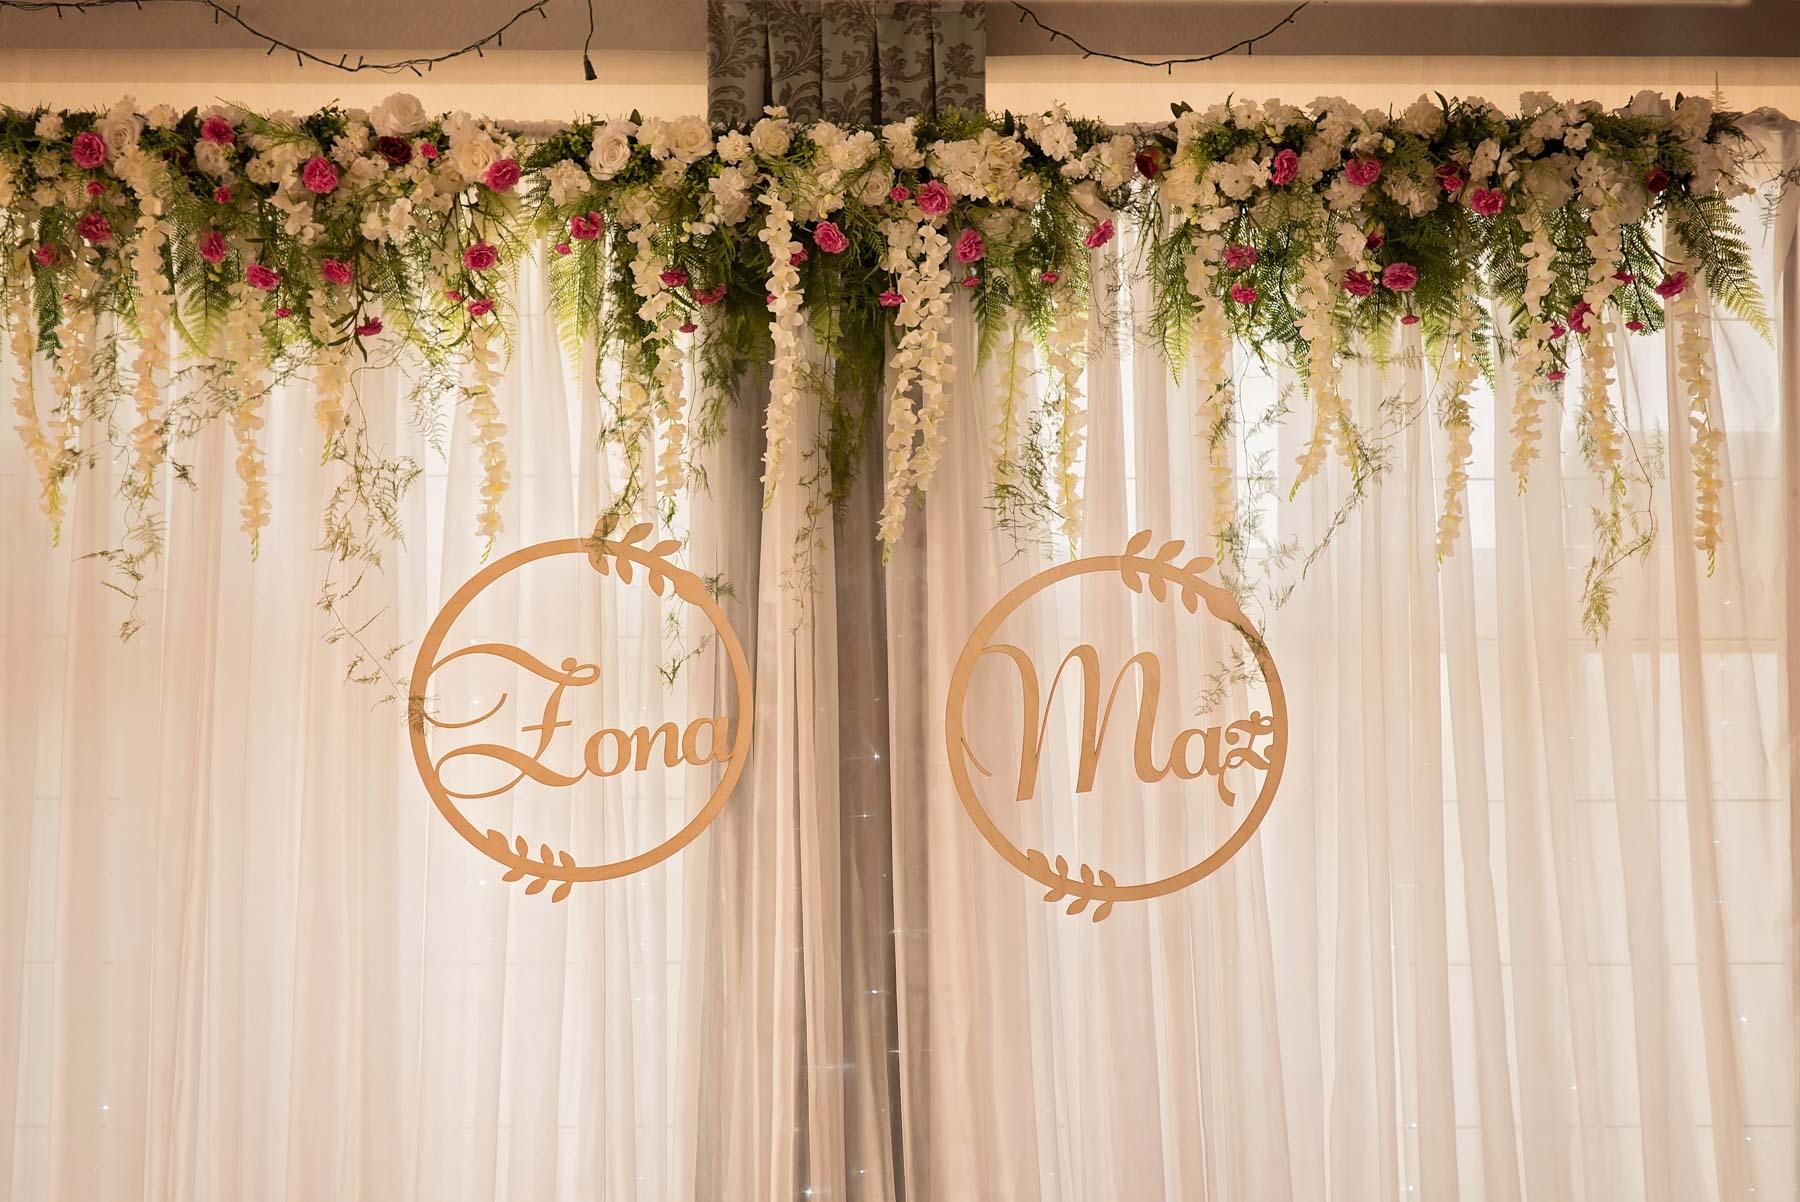 dekoracje-ślubne-sznurkowscy